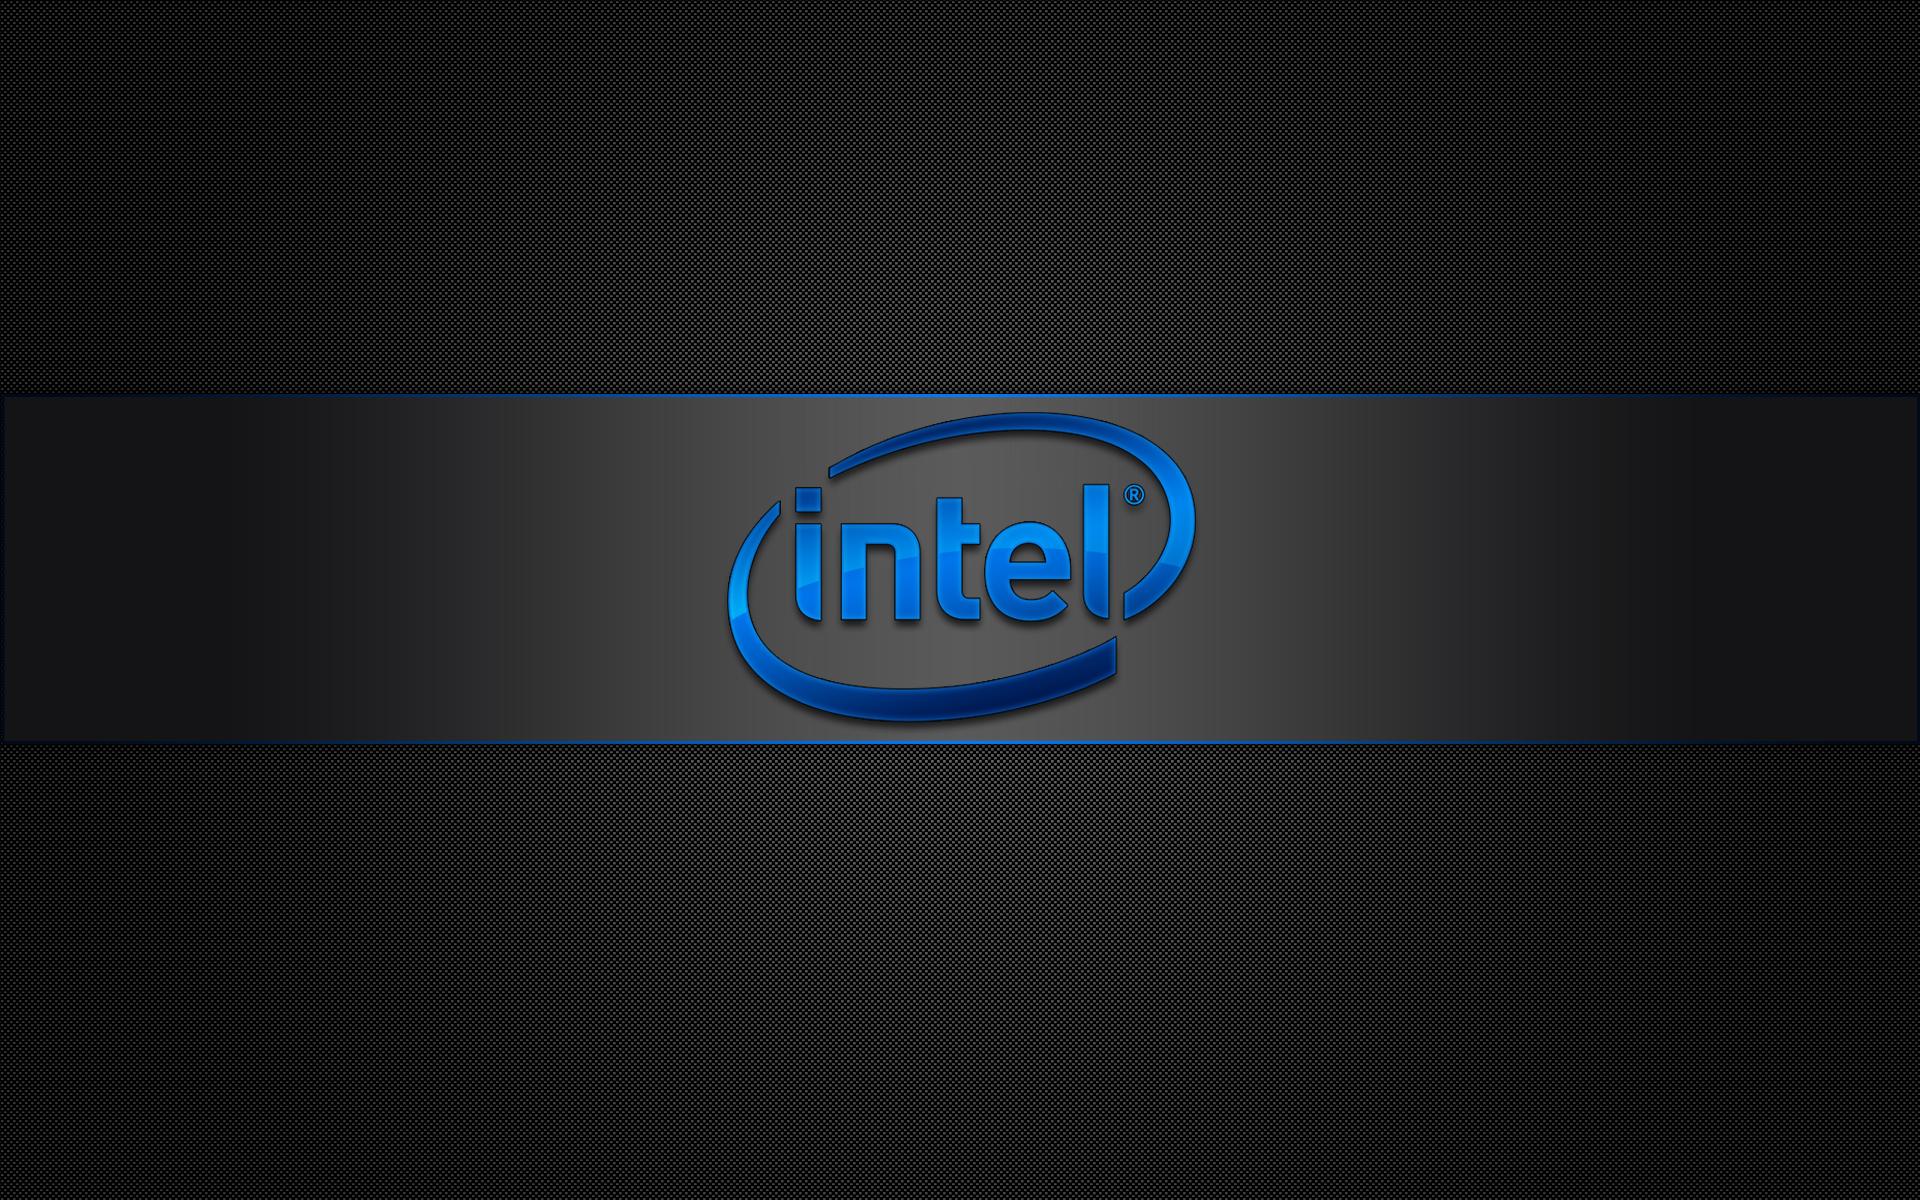 intel_by_mullet-d39ov86.jpg